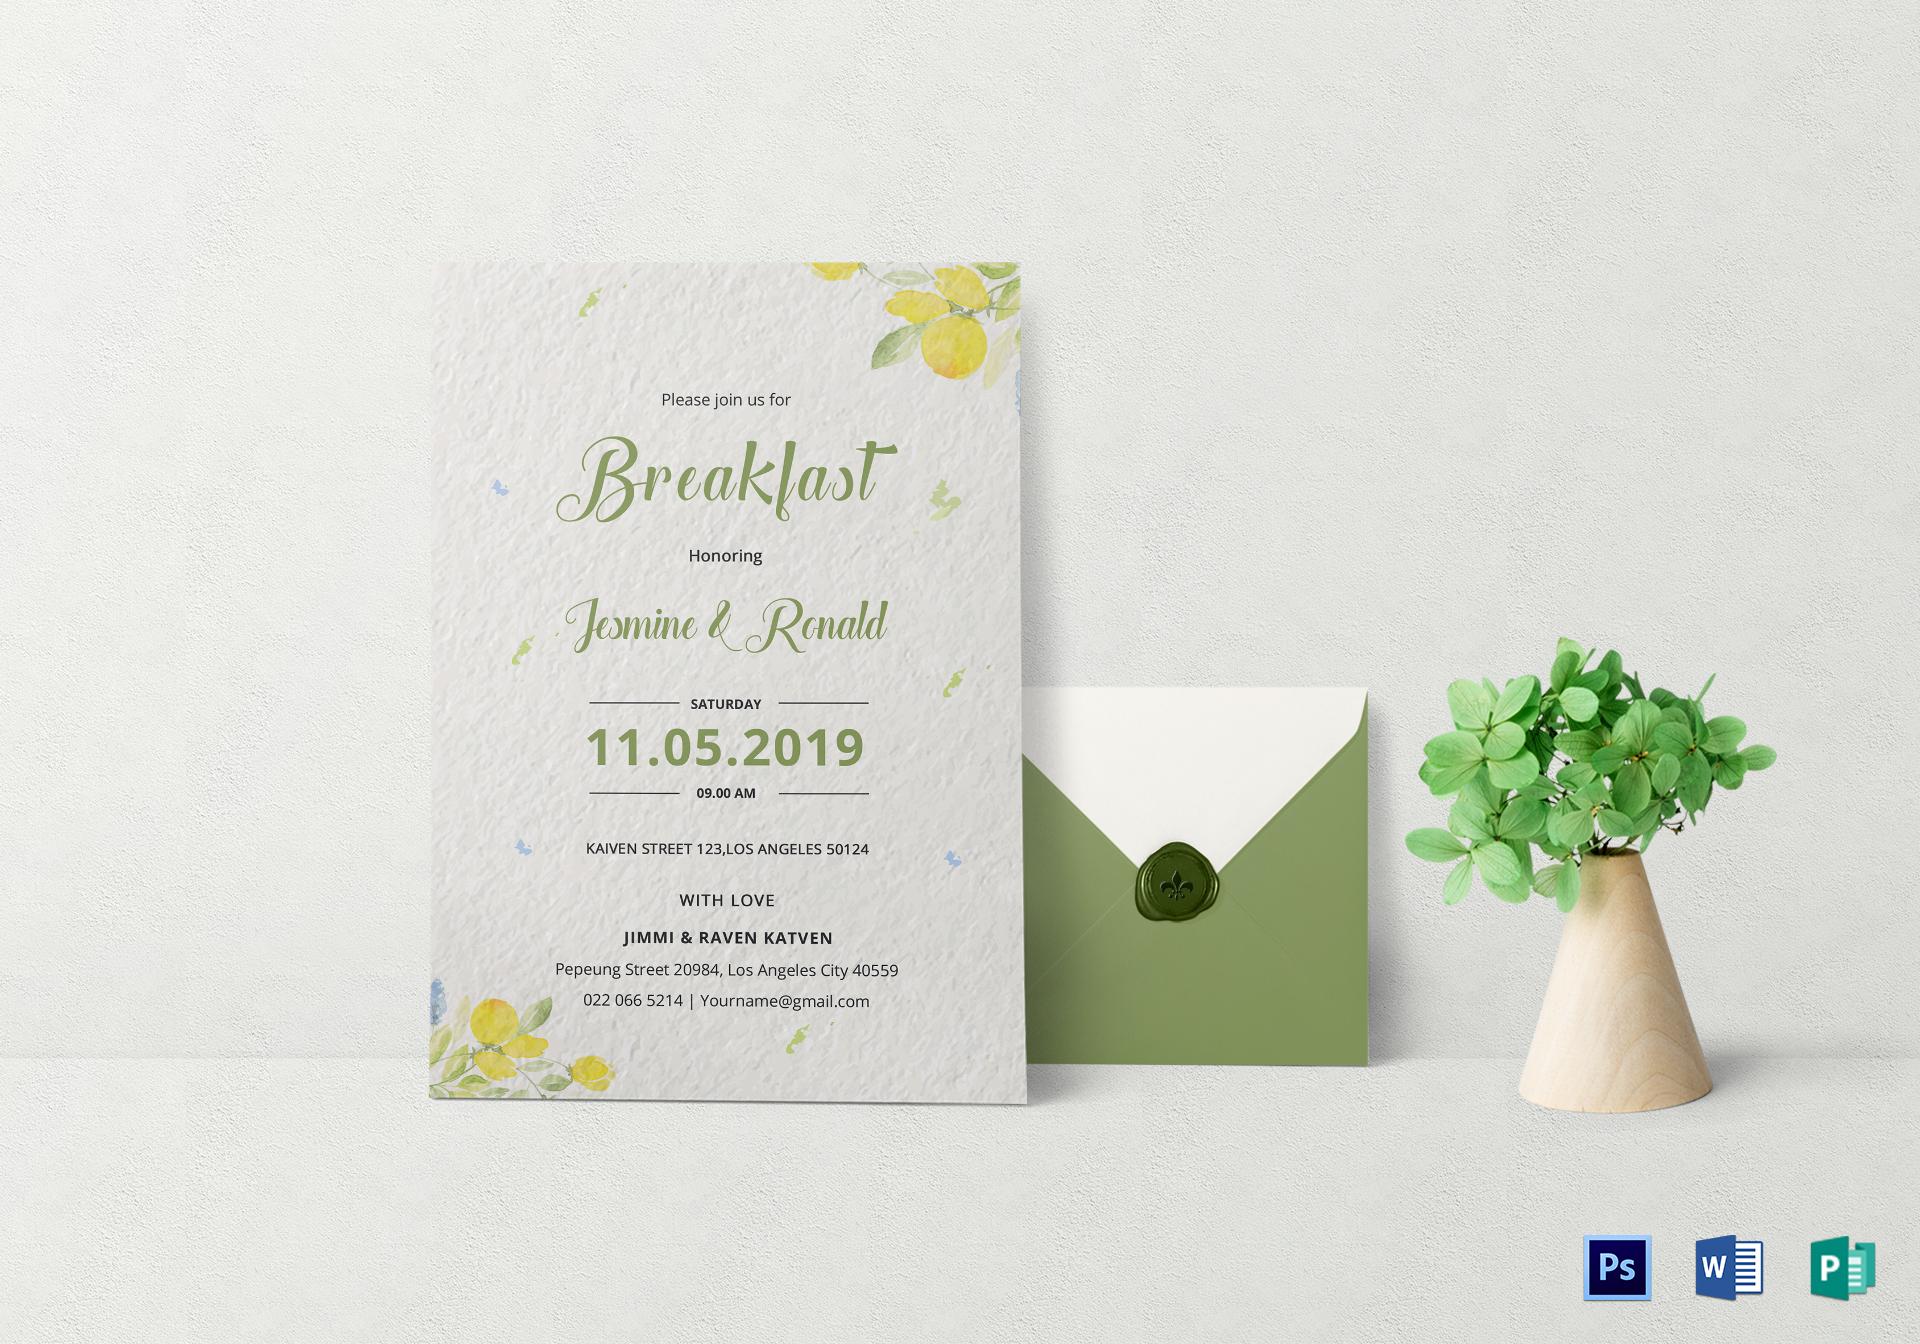 breakfast event invitation card design